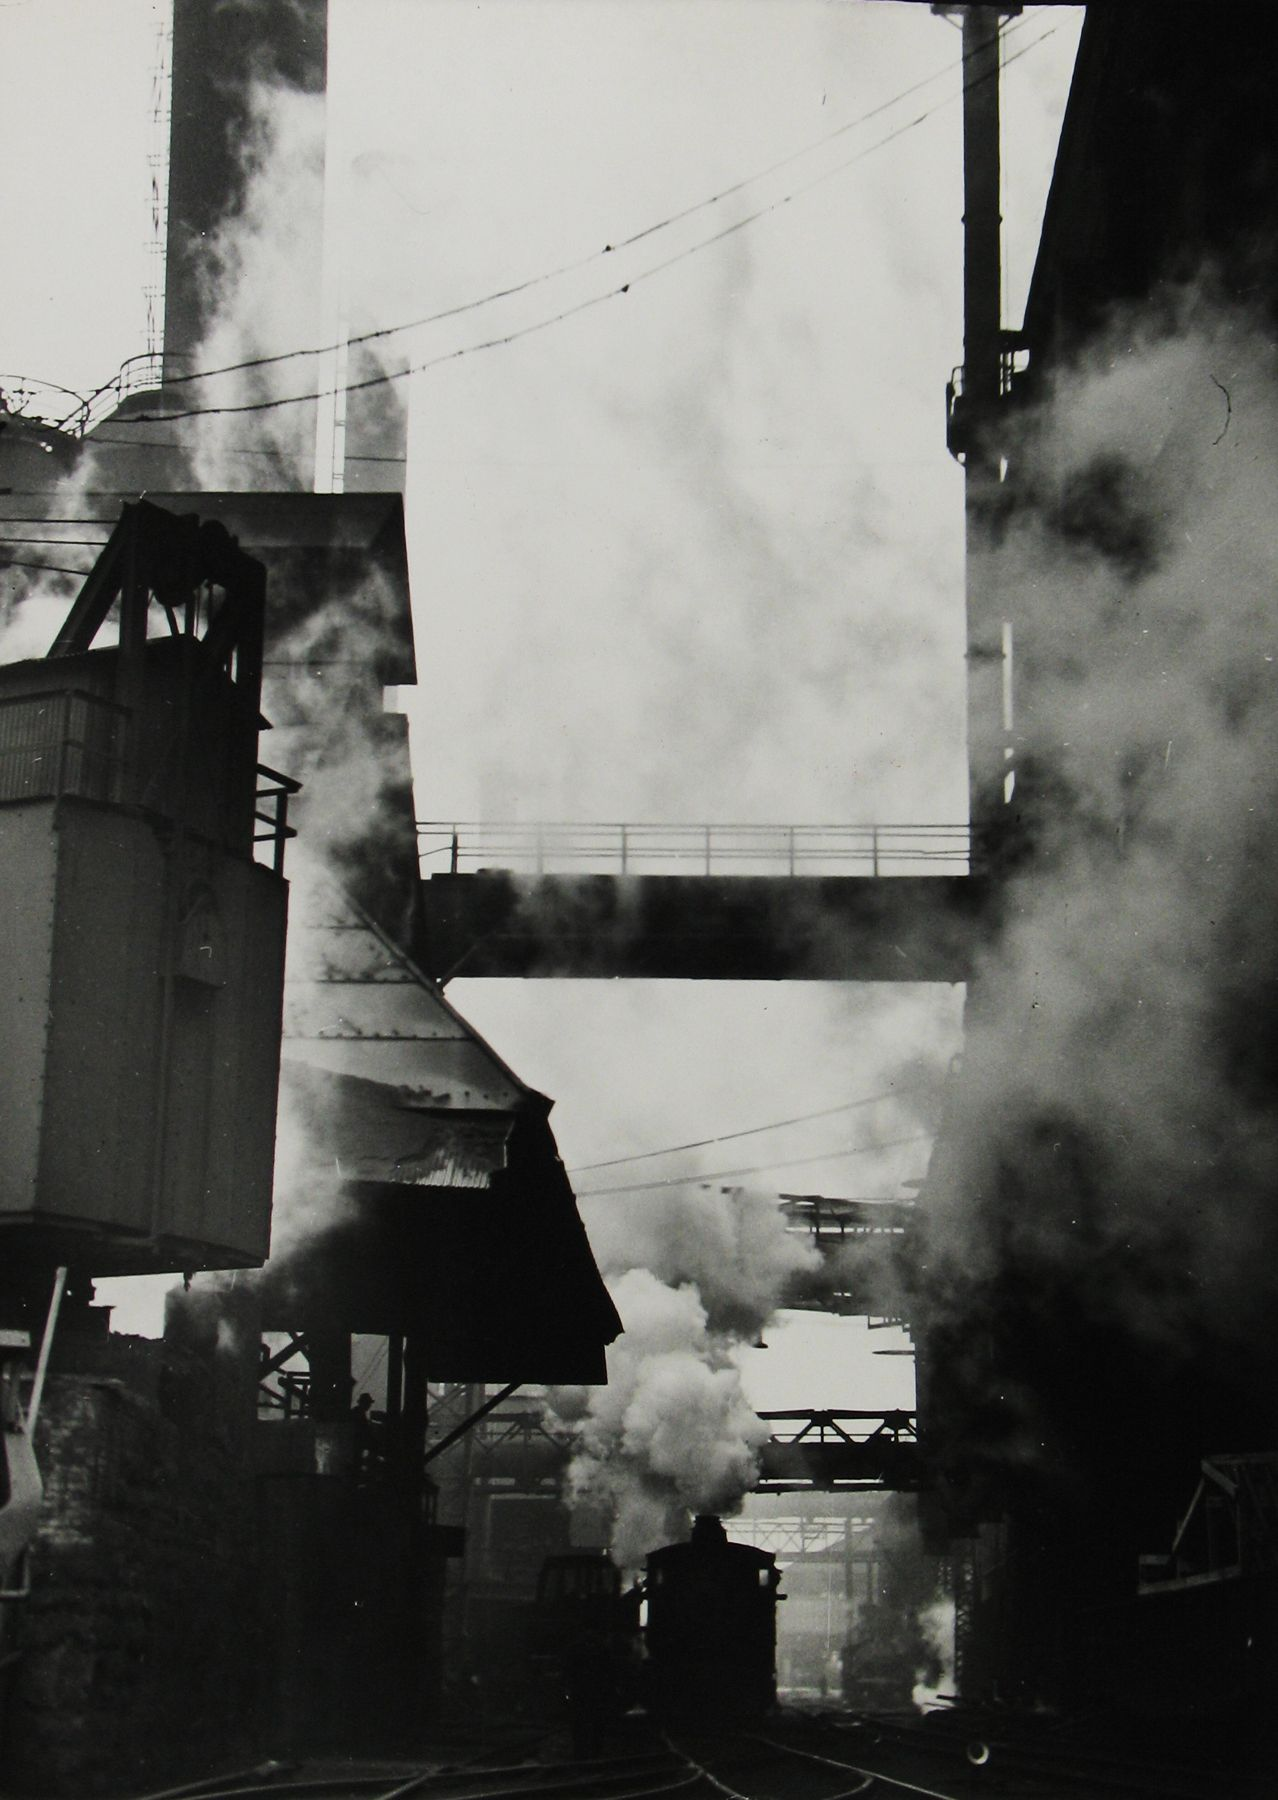 Margaret Bourke-White 1936-39 2011 Howard Greenberg Gallery